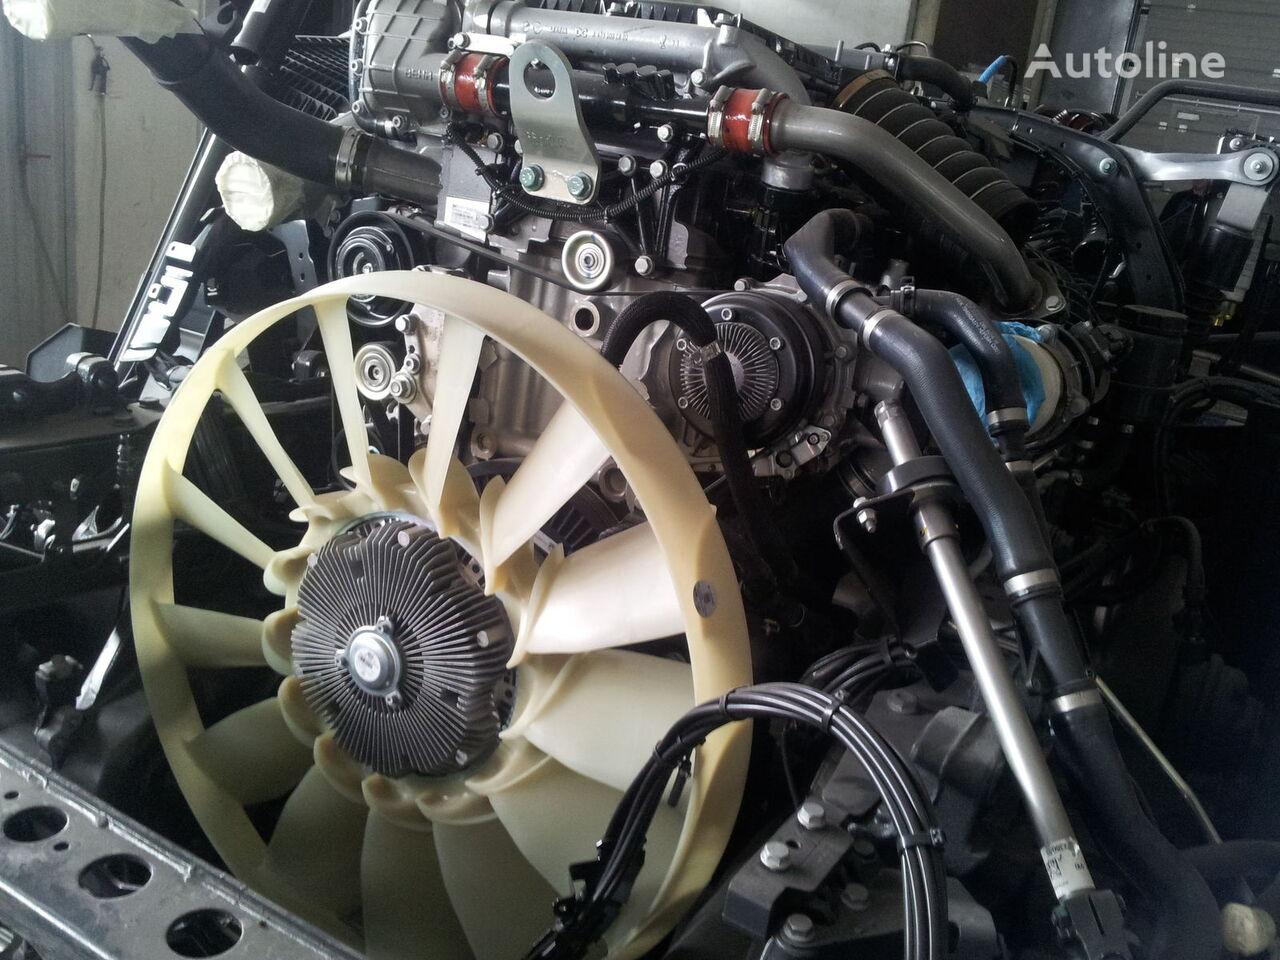 MERCEDES-BENZ Actros MP4 OM471LA, OM 471 LA, OM471LA, 0020106500, 0009985090,  engine for MERCEDES-BENZ Actros MP4 tractor unit